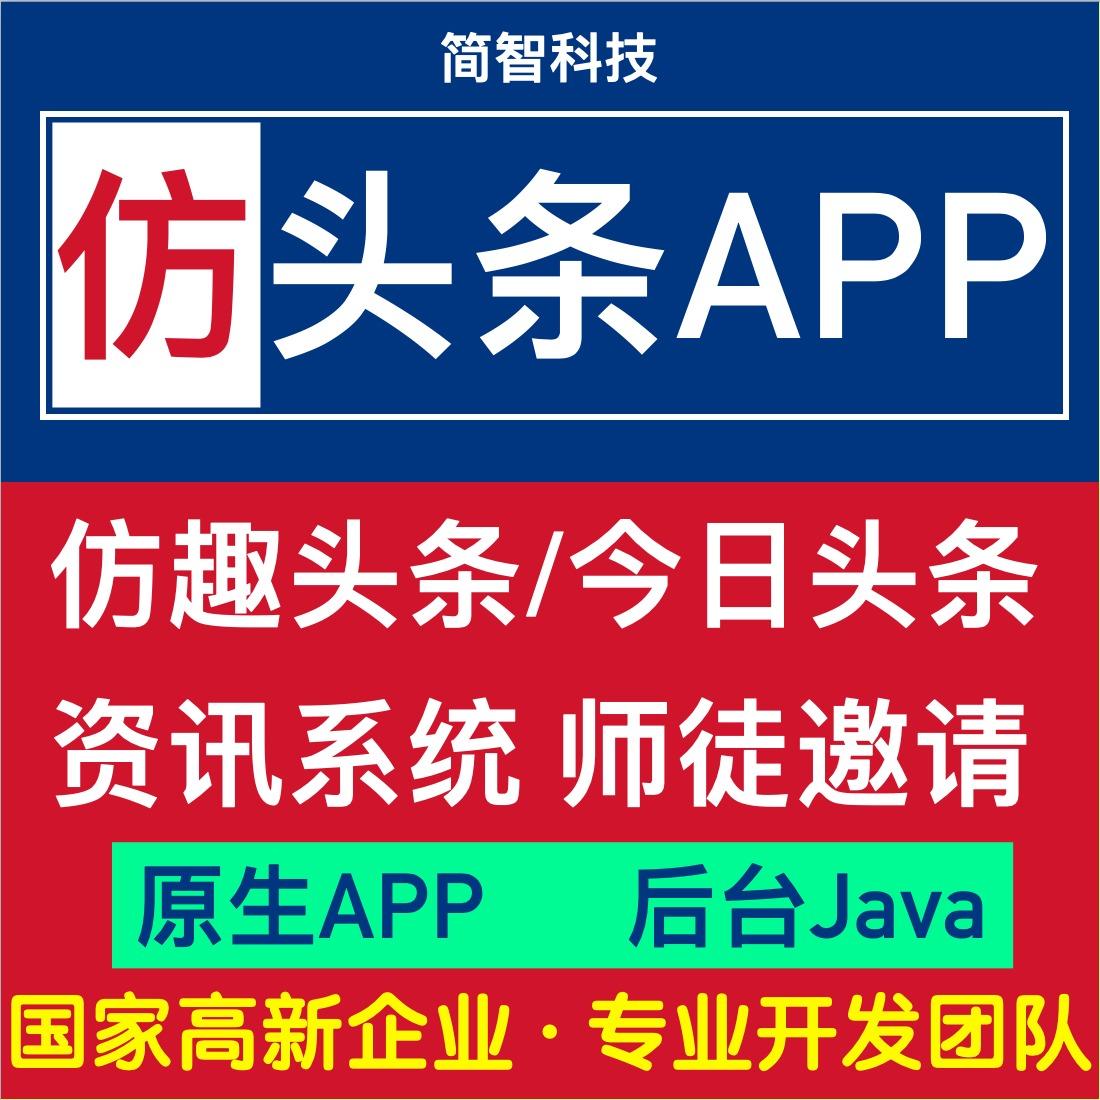 今日头条APP定制|趣头条APP开发|成品APP|APP开发